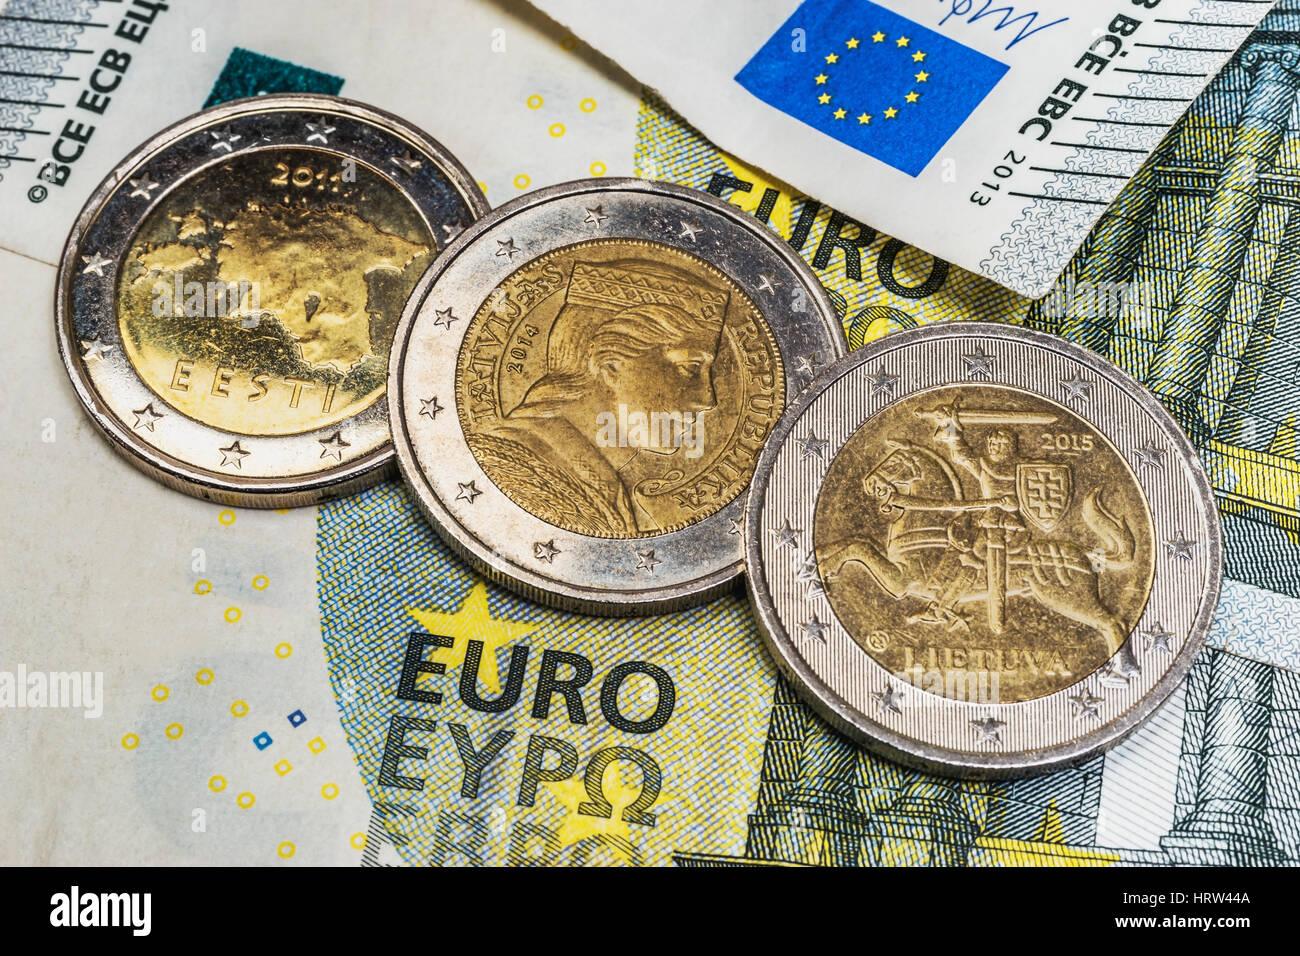 Auf Einer 5 Euro Banknote Sind Die 2 Euro Münzen Von Der Baltischen